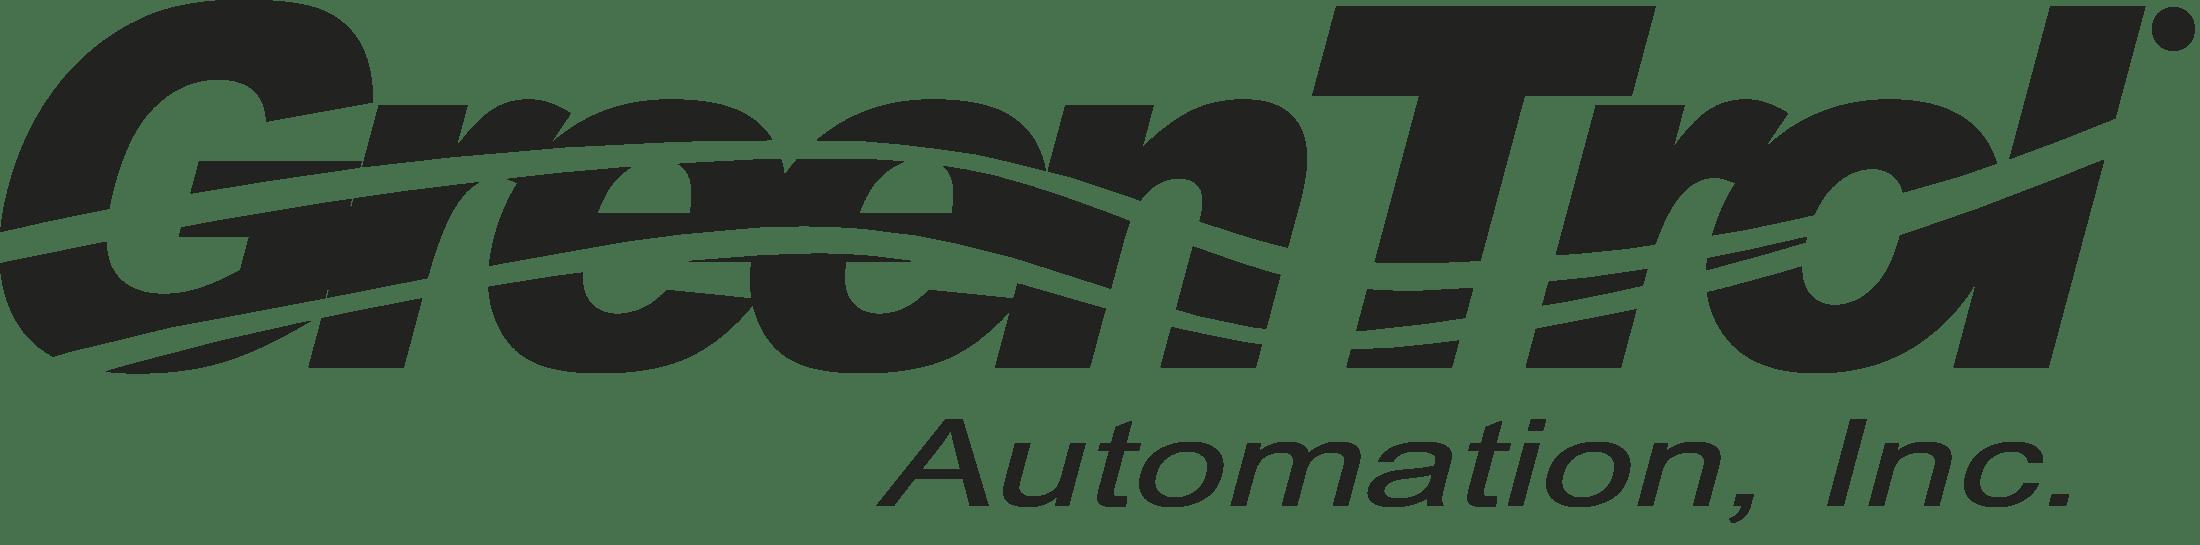 Green Trd logo